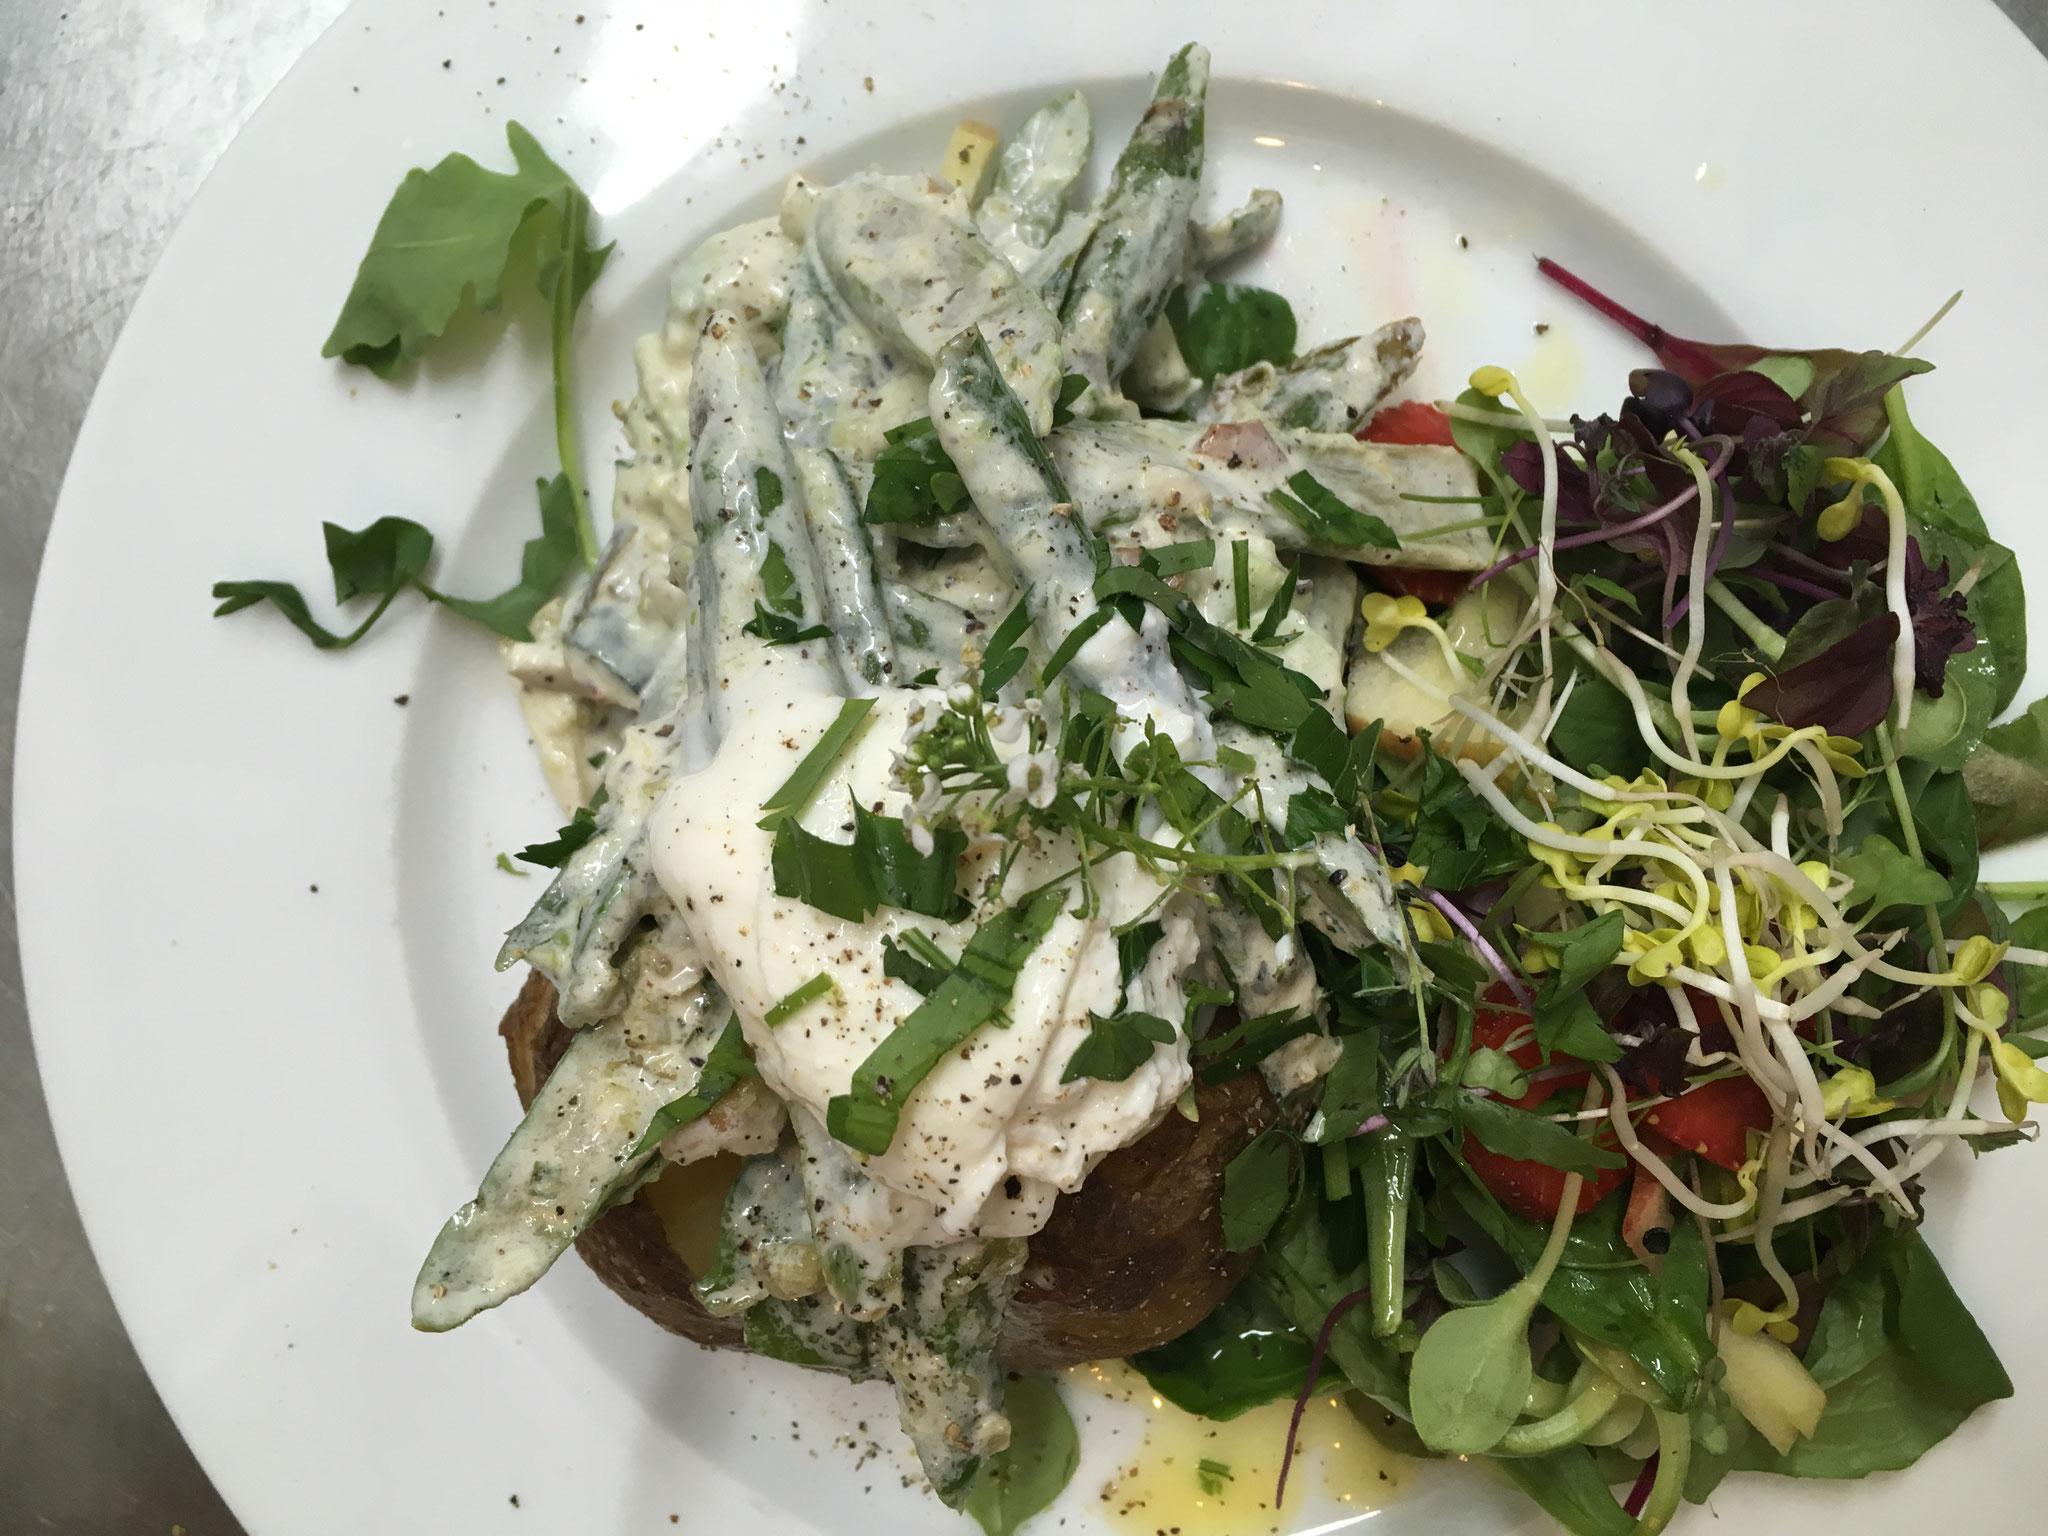 Ofenkartoffel gefüllt mit sommerlichem Salat aus Zuckerschoten, grünem Spargel, Avocado & Burrata, dazu kleiner Salat